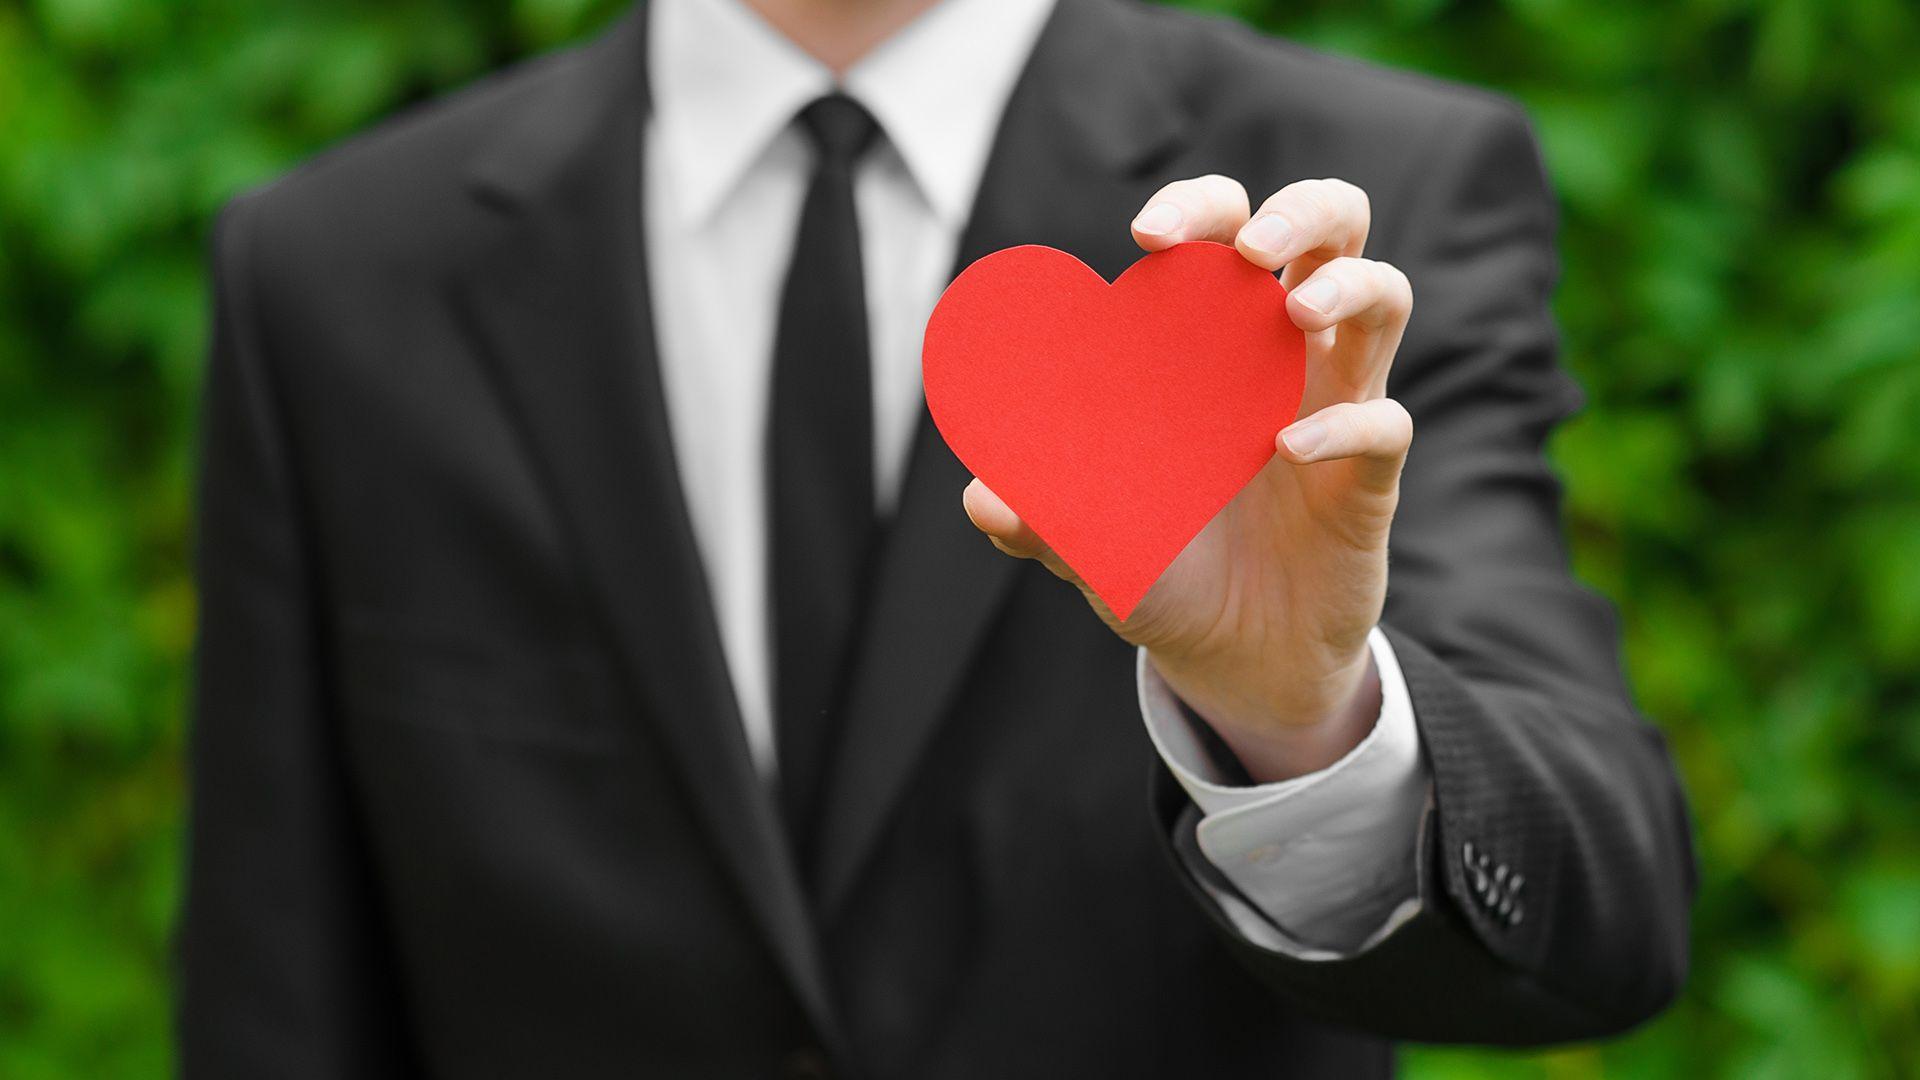 Как понять, что тебя любит парень? Признаки мужской влюбленности